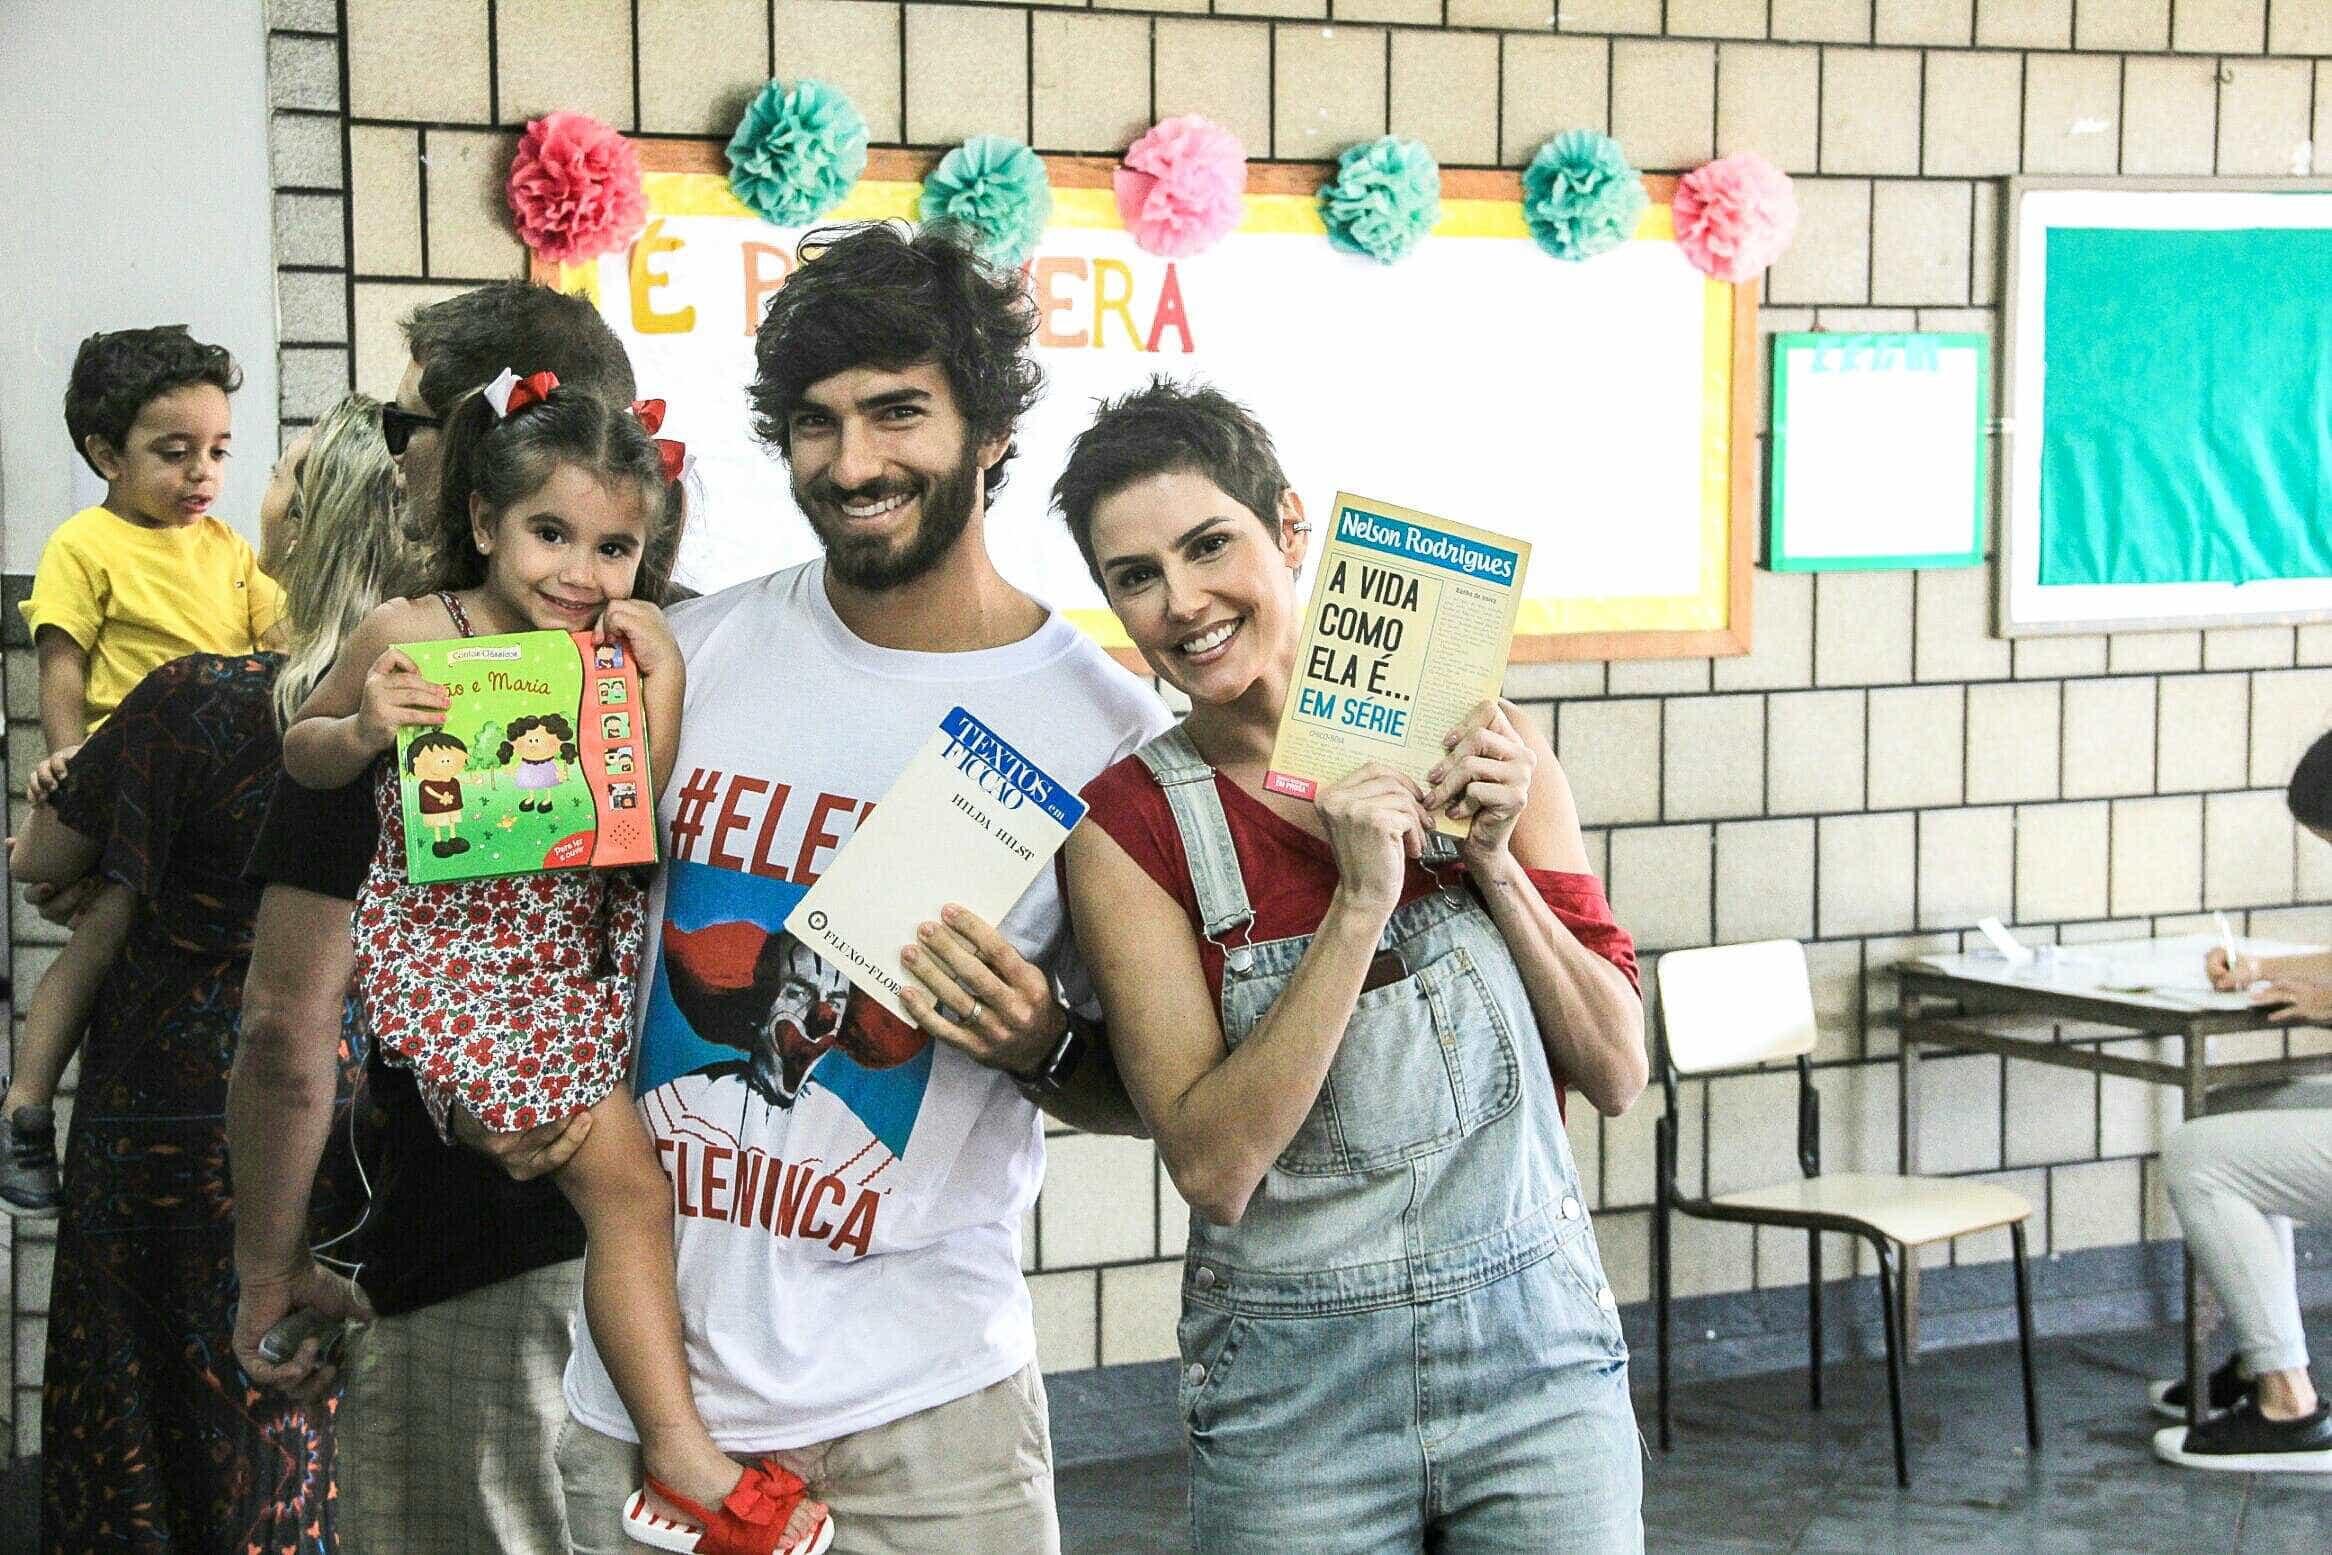 Deborah Secco vota com coletânea de Nelson Rodrigues em mãos